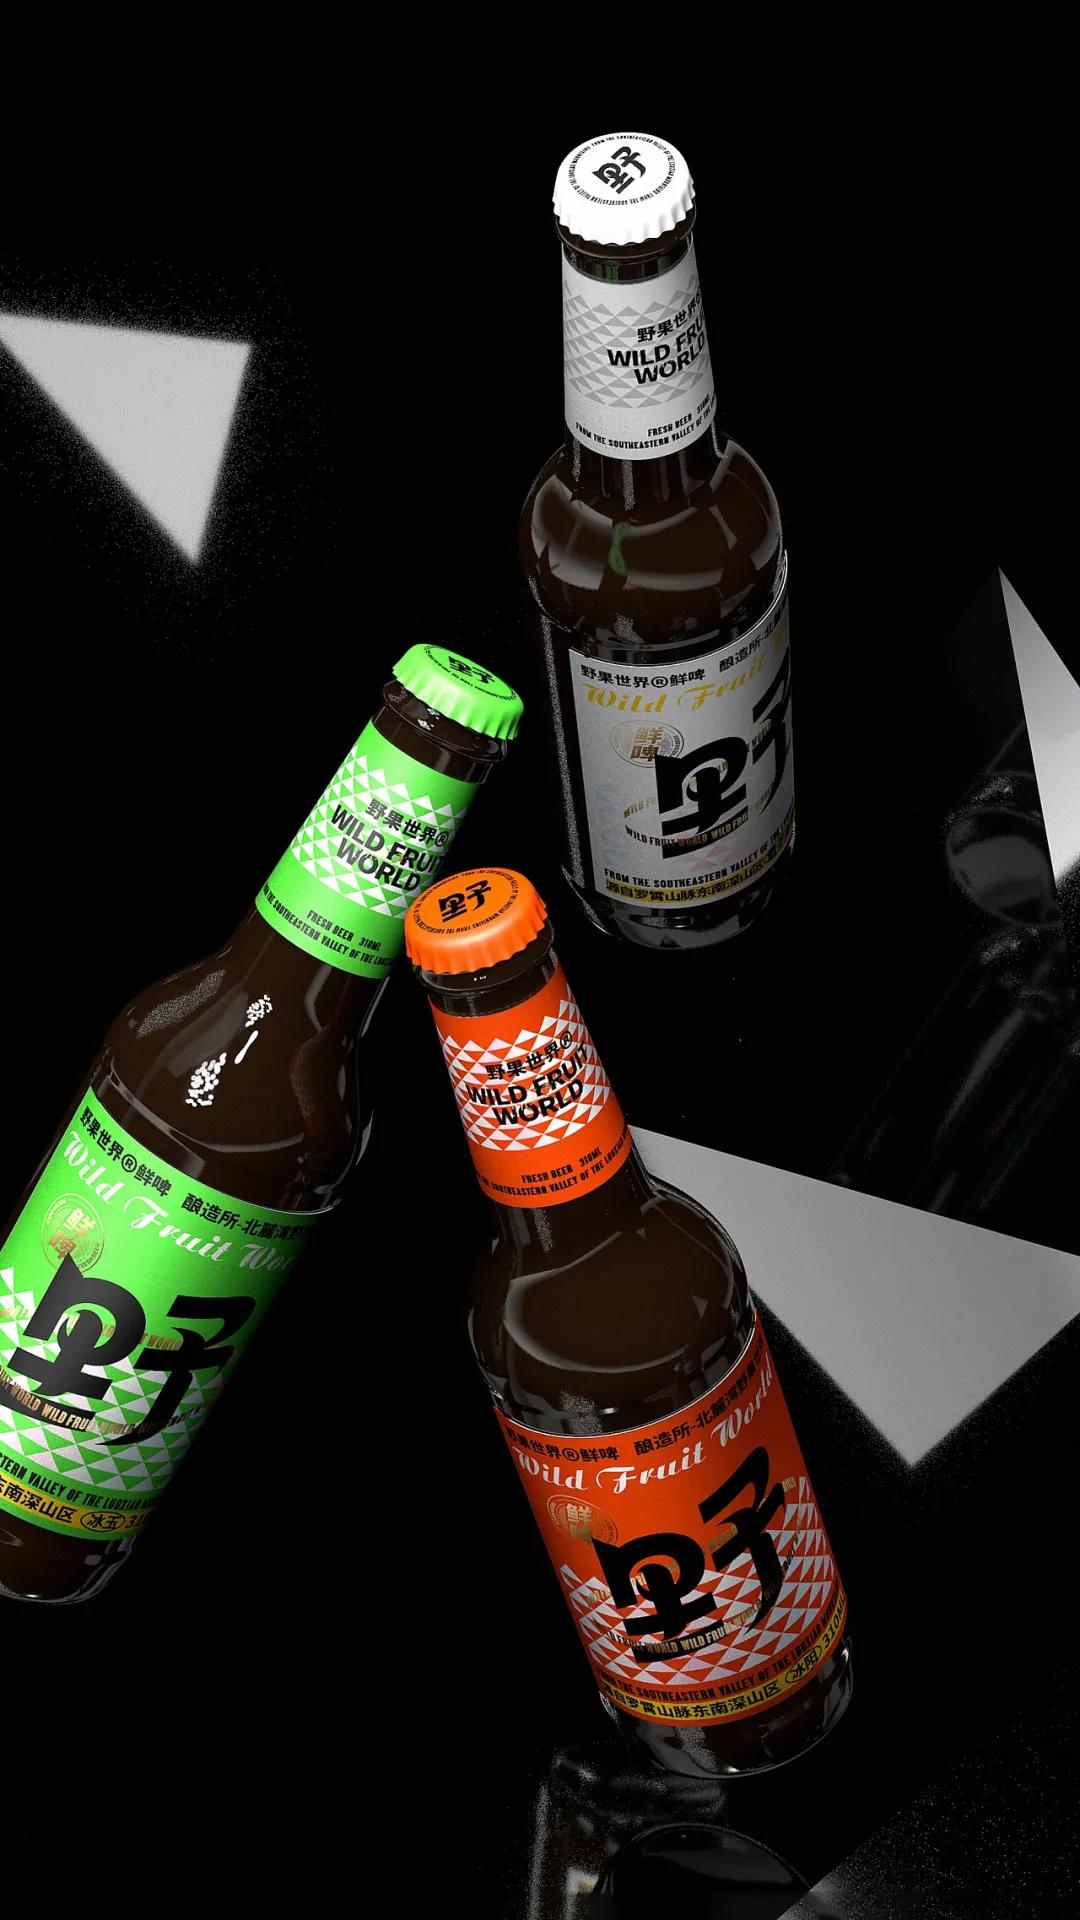 包装设计展开图(酒类包装如何突破常规风格)